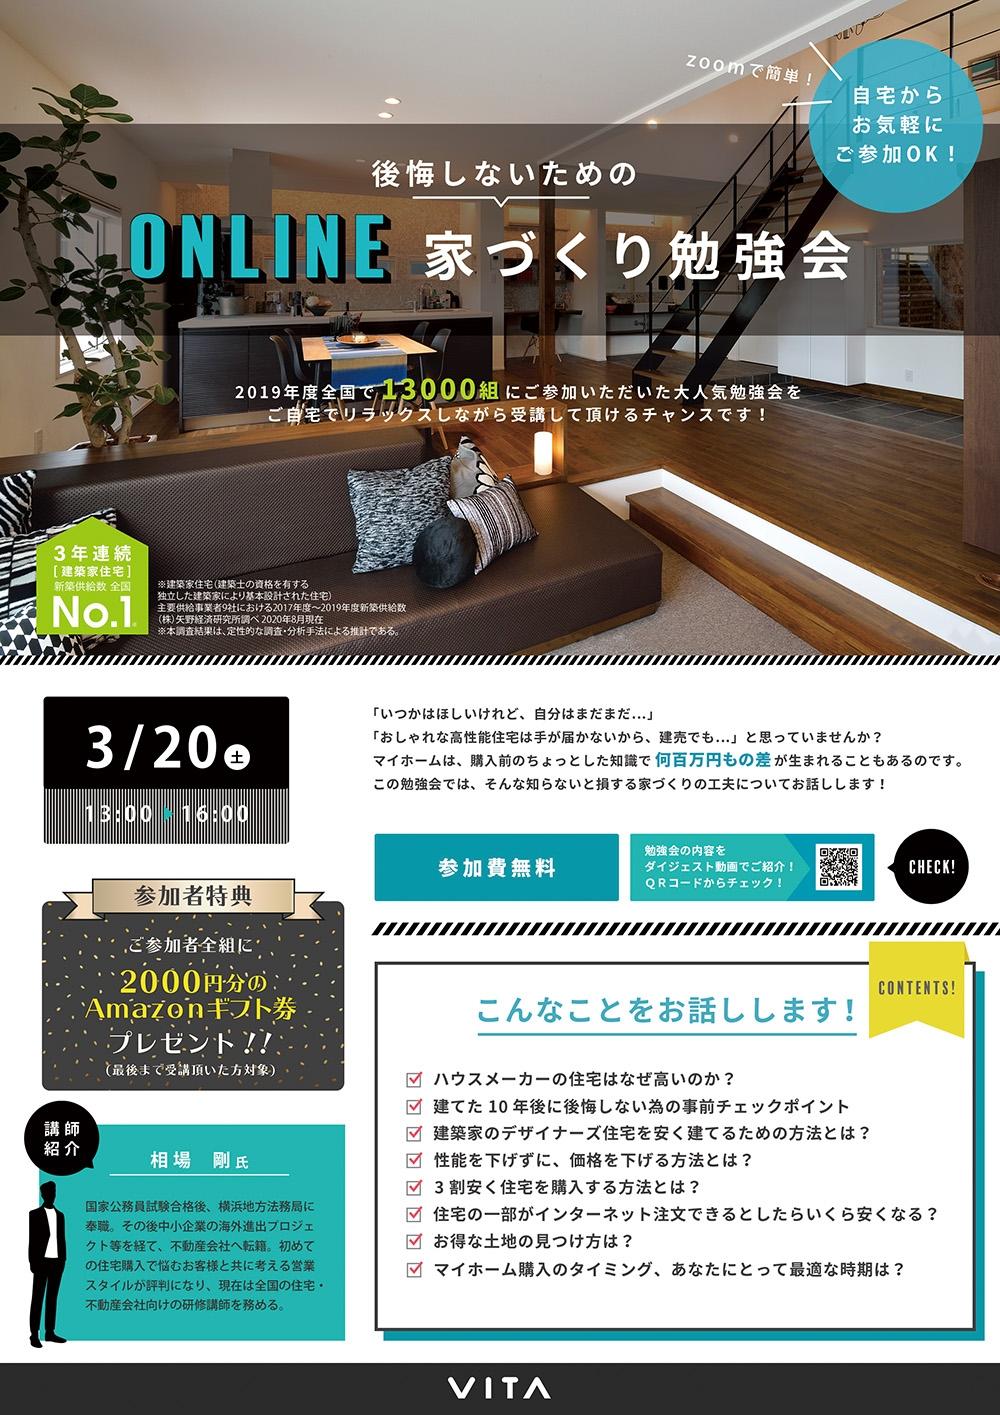 3/20(土)オンライン勉強会を開催します!